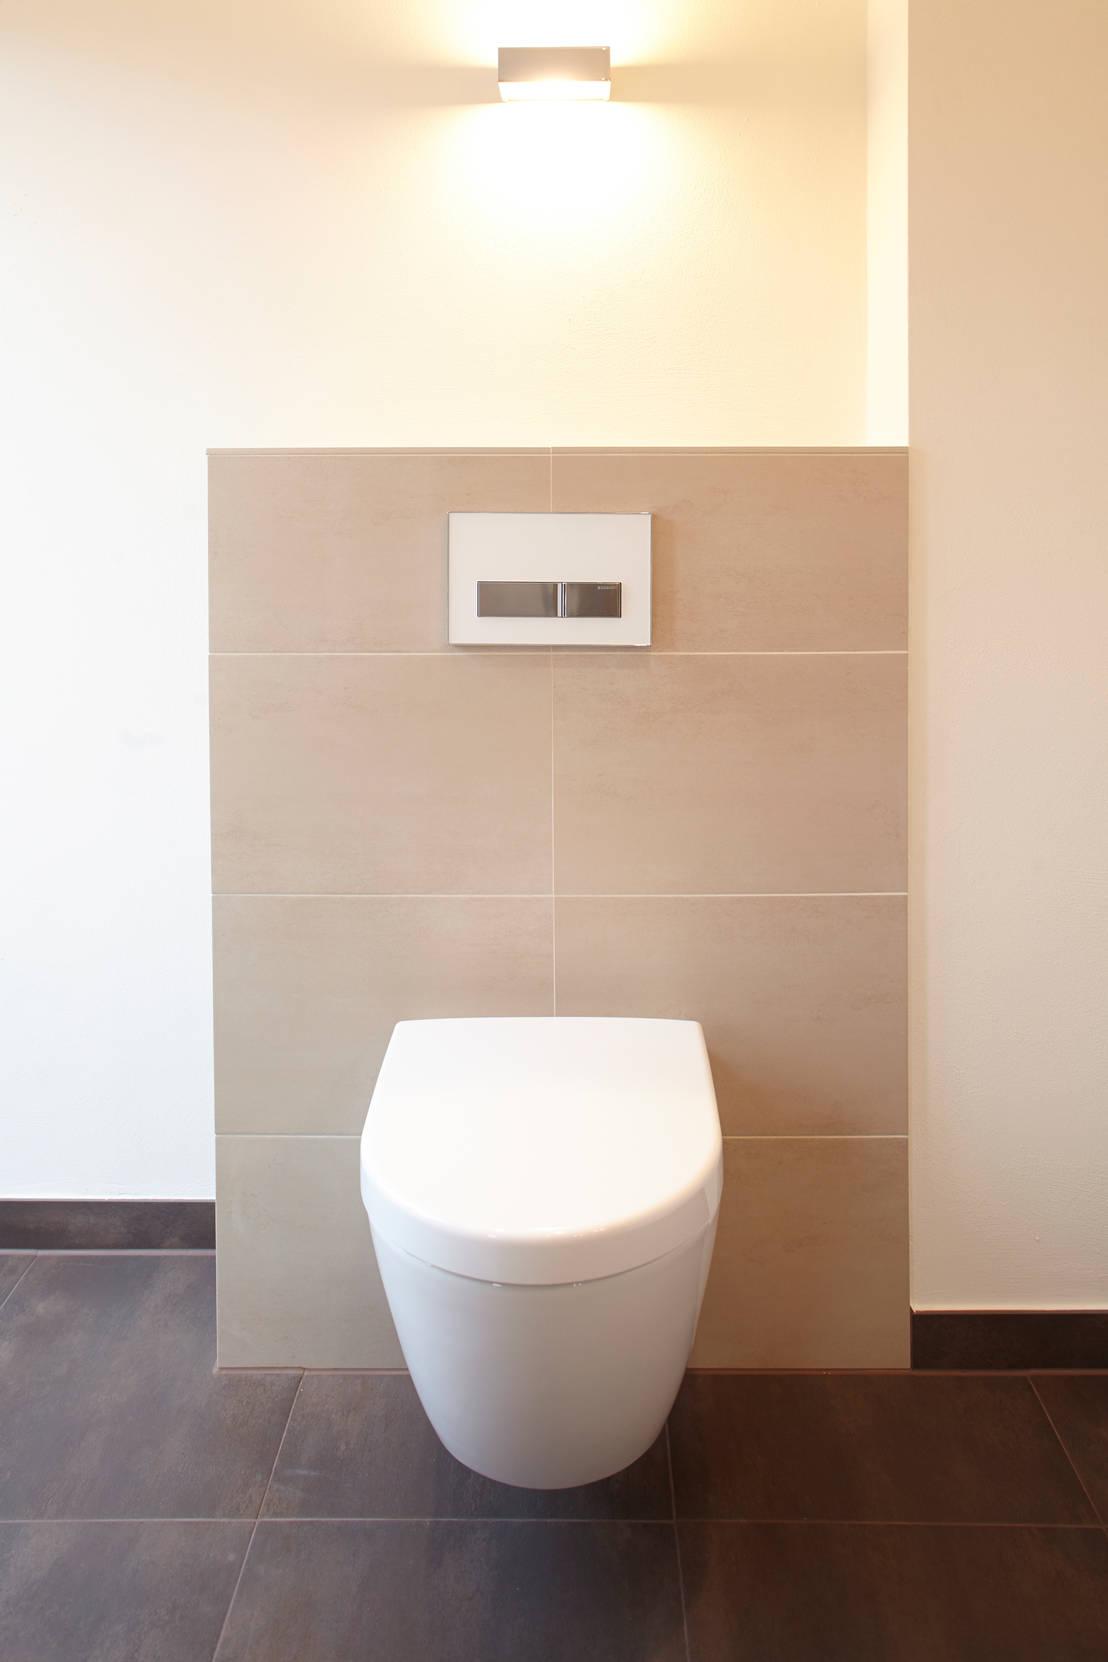 sandstein bder - Sandstein Fliesen Badezimmer